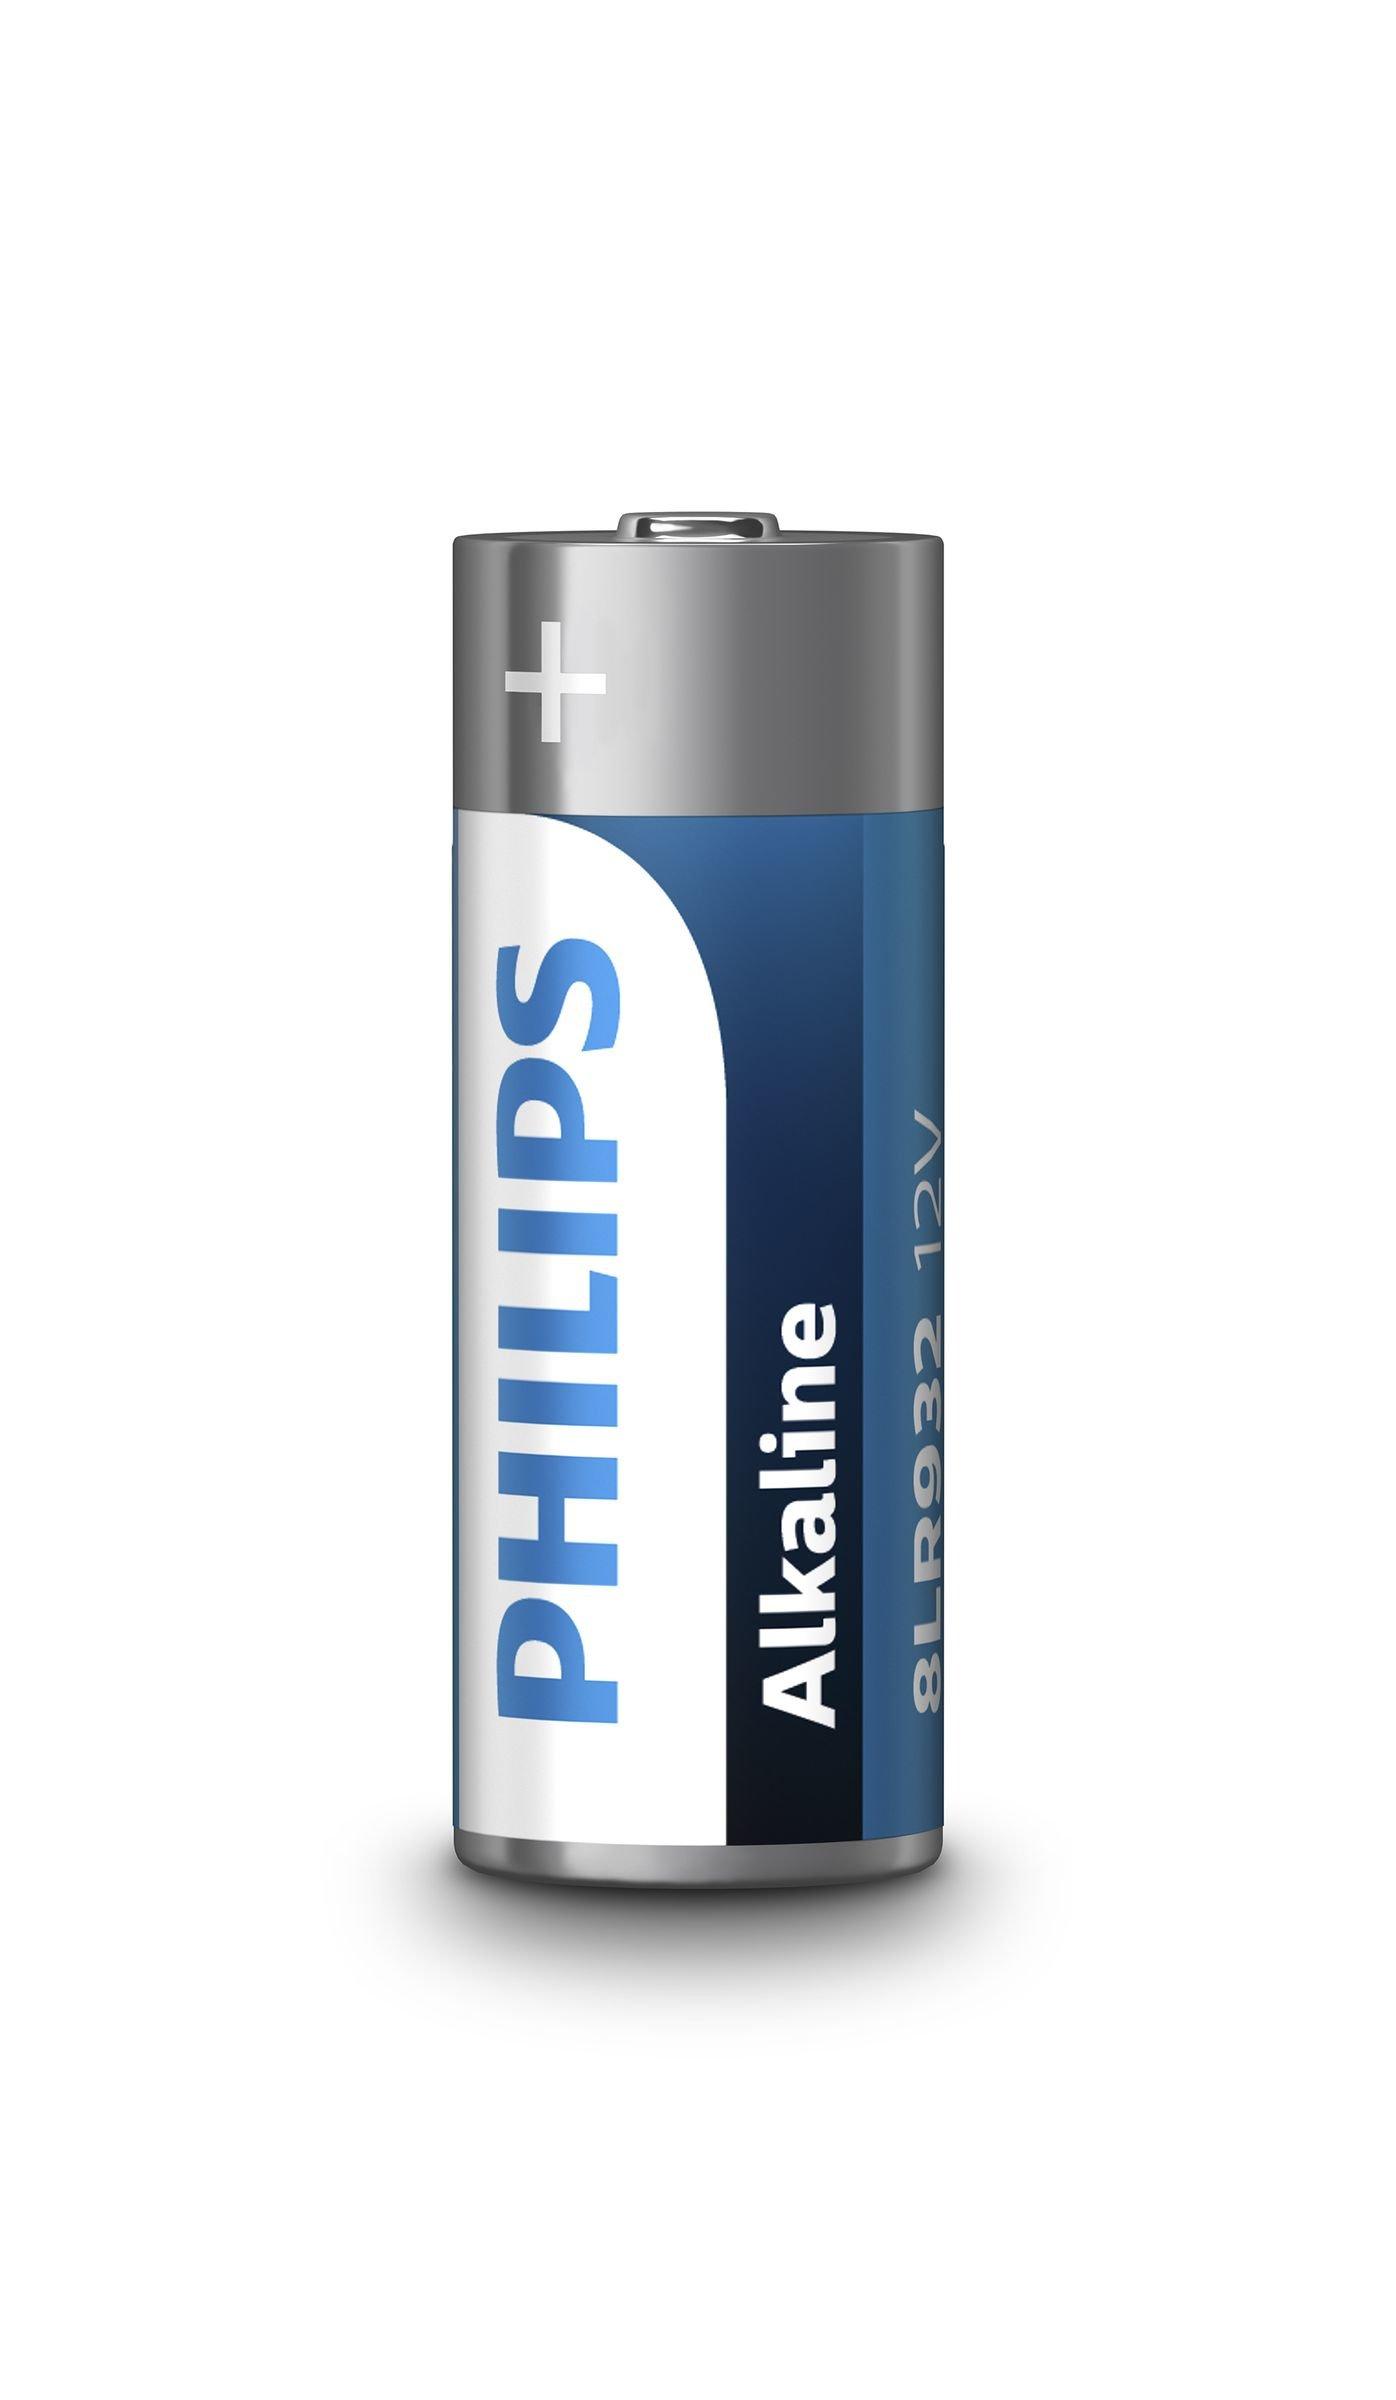 Philips A 932/01b Pila bottone alcalina, confezione da 1